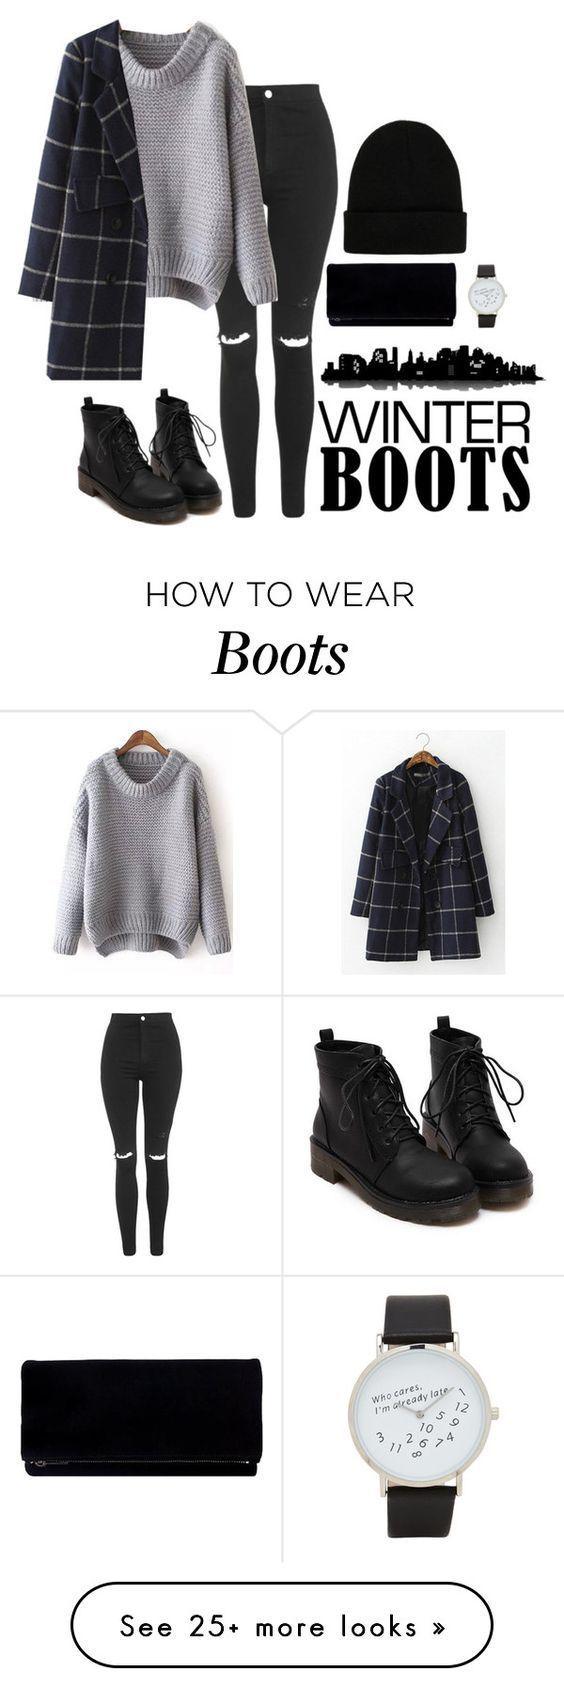 10 Wunderschöne Möglichkeiten, um Stil zu einem Pullover für den Herbst